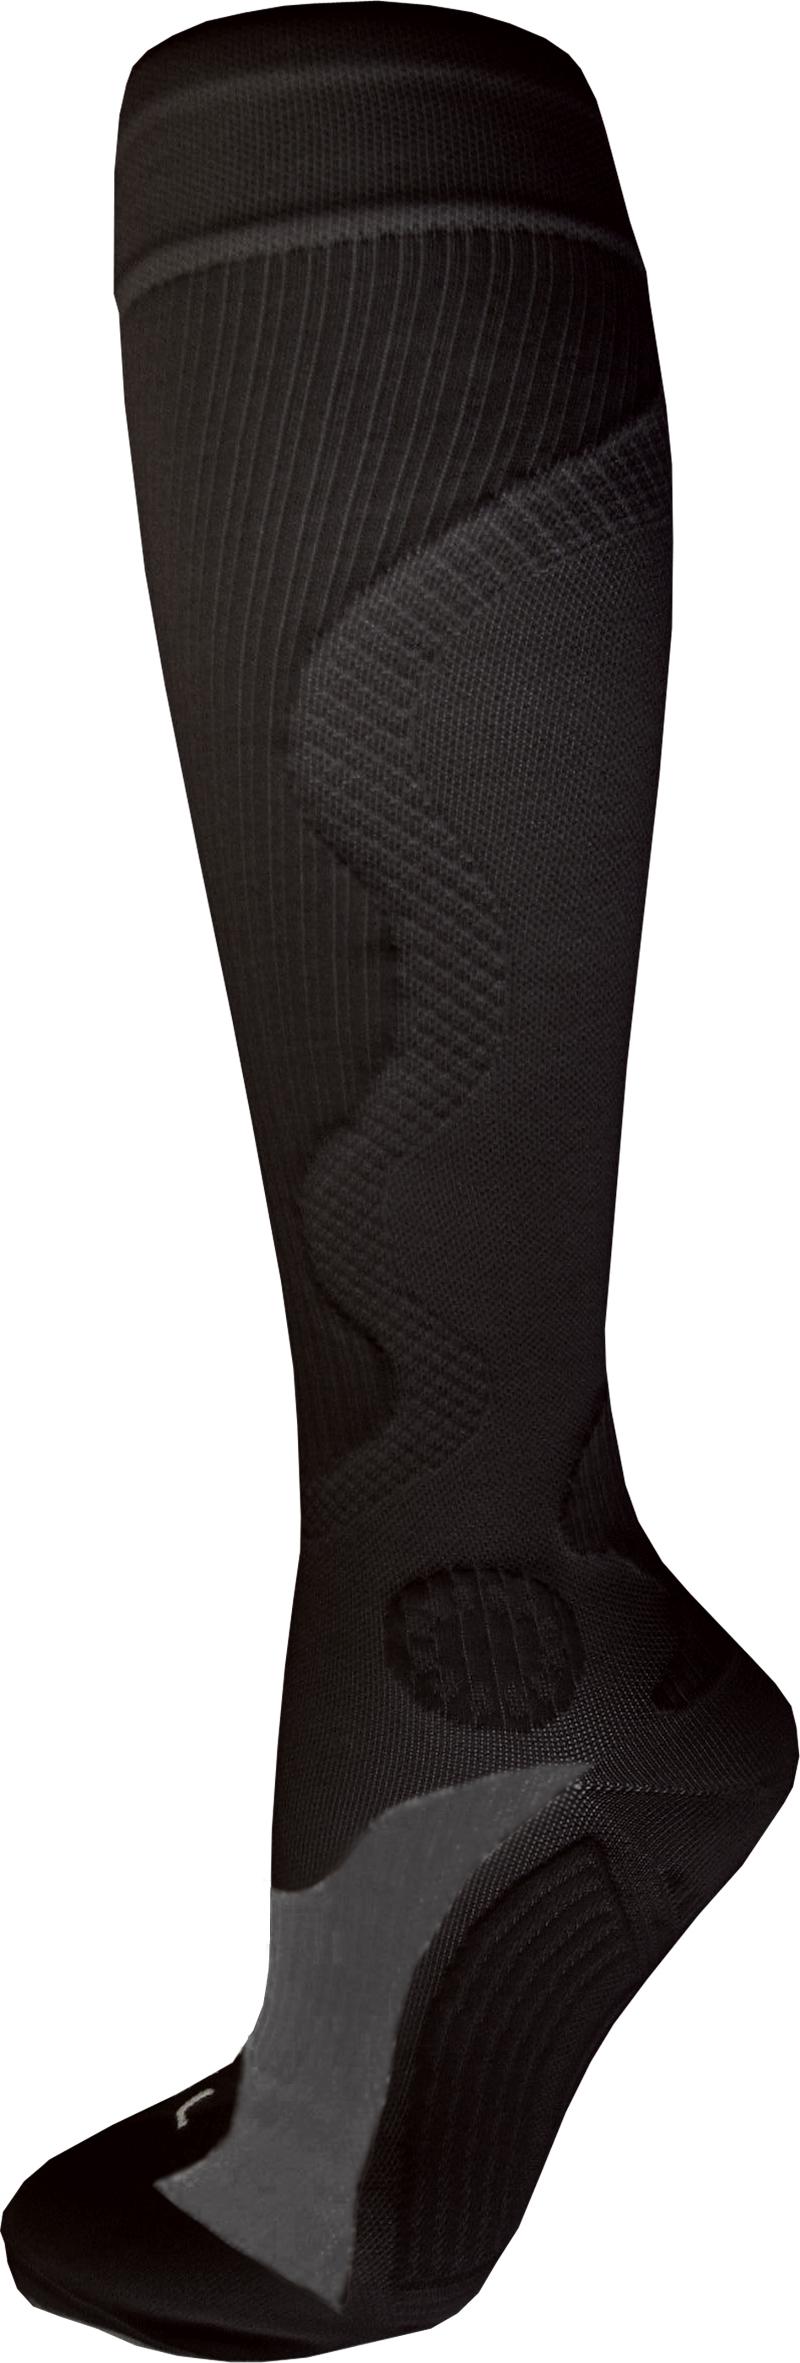 Kompr. ponožky Wave černé